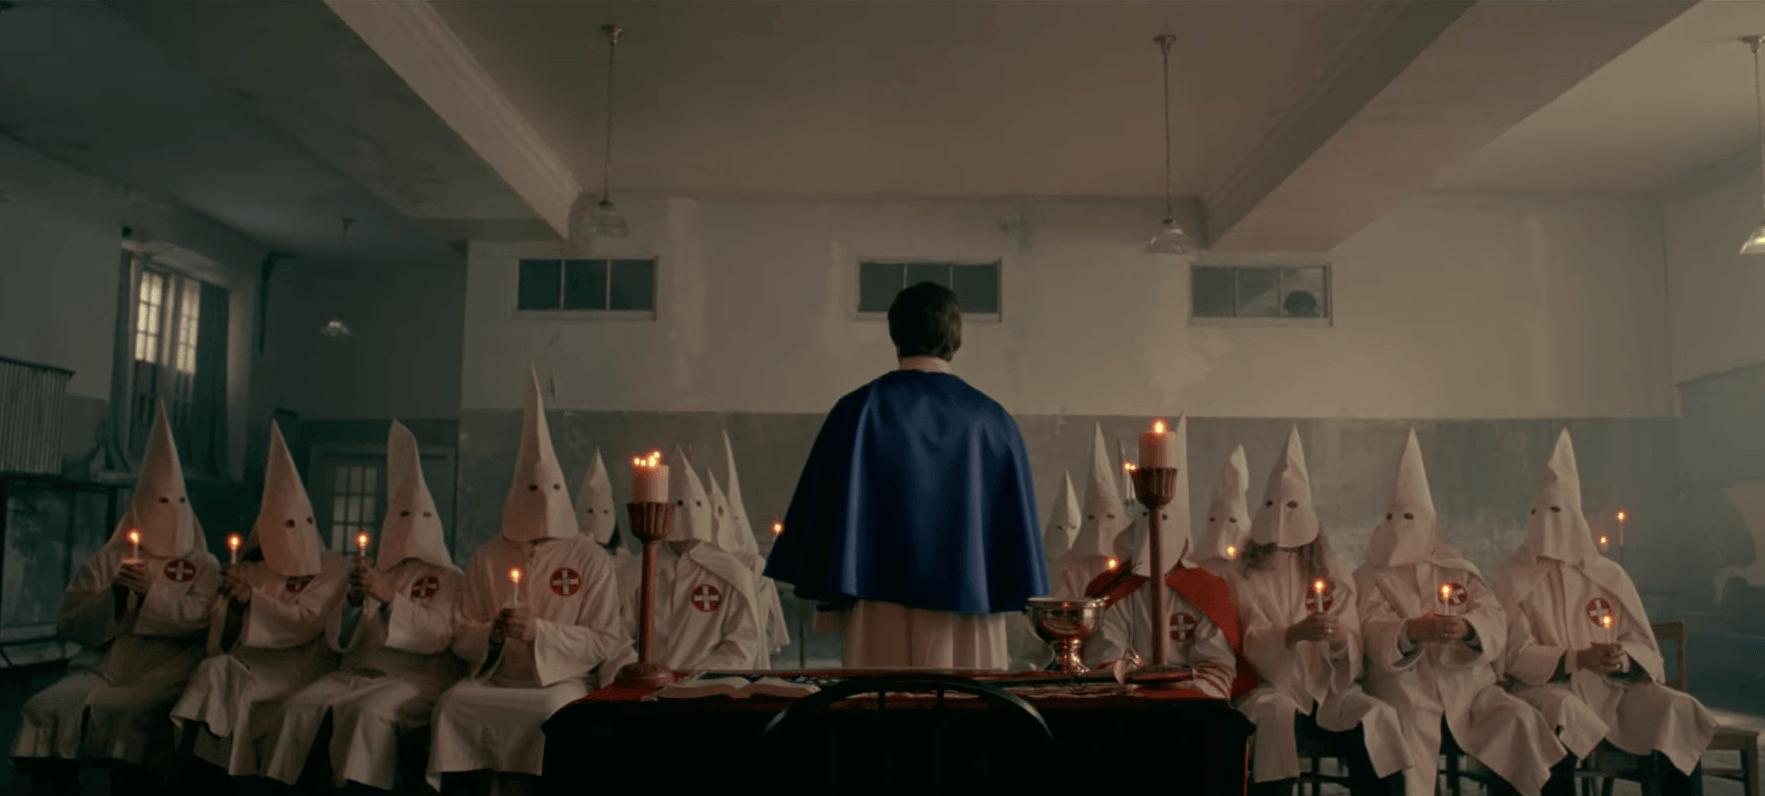 черный клановец кино 2018 ку-клукс-клан дензел вашингтон джон дэвид вашингтон спайк ли адам драйвер